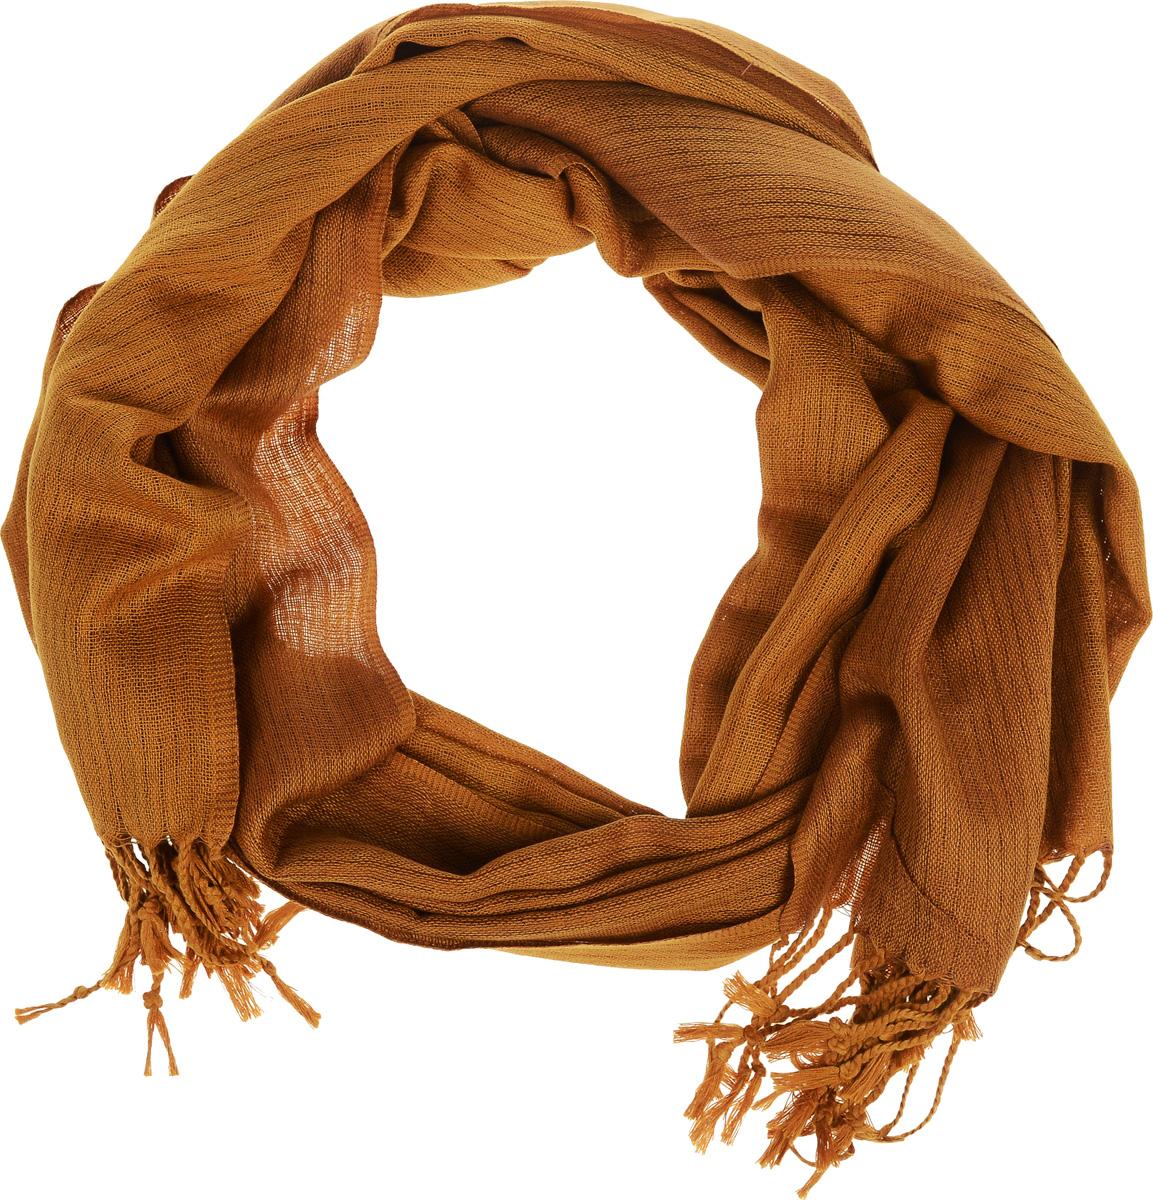 Шарф мужской. SCw-242/455-6302SCw-242/455-6302Элегантный мужской шарф Sela согреет вас в холодное время года, а также станет изысканным аксессуаром, который призван подчеркнуть ваш стиль и индивидуальность. Оригинальный теплый шарф выполнен из высококачественного полиэстера. Широкий шарф украшен бахромой в виде жгутиков по краю. Такой шарф станет превосходным дополнением к любому наряду, защитит вас от ветра и холода и позволит вам создать свой неповторимый стиль.